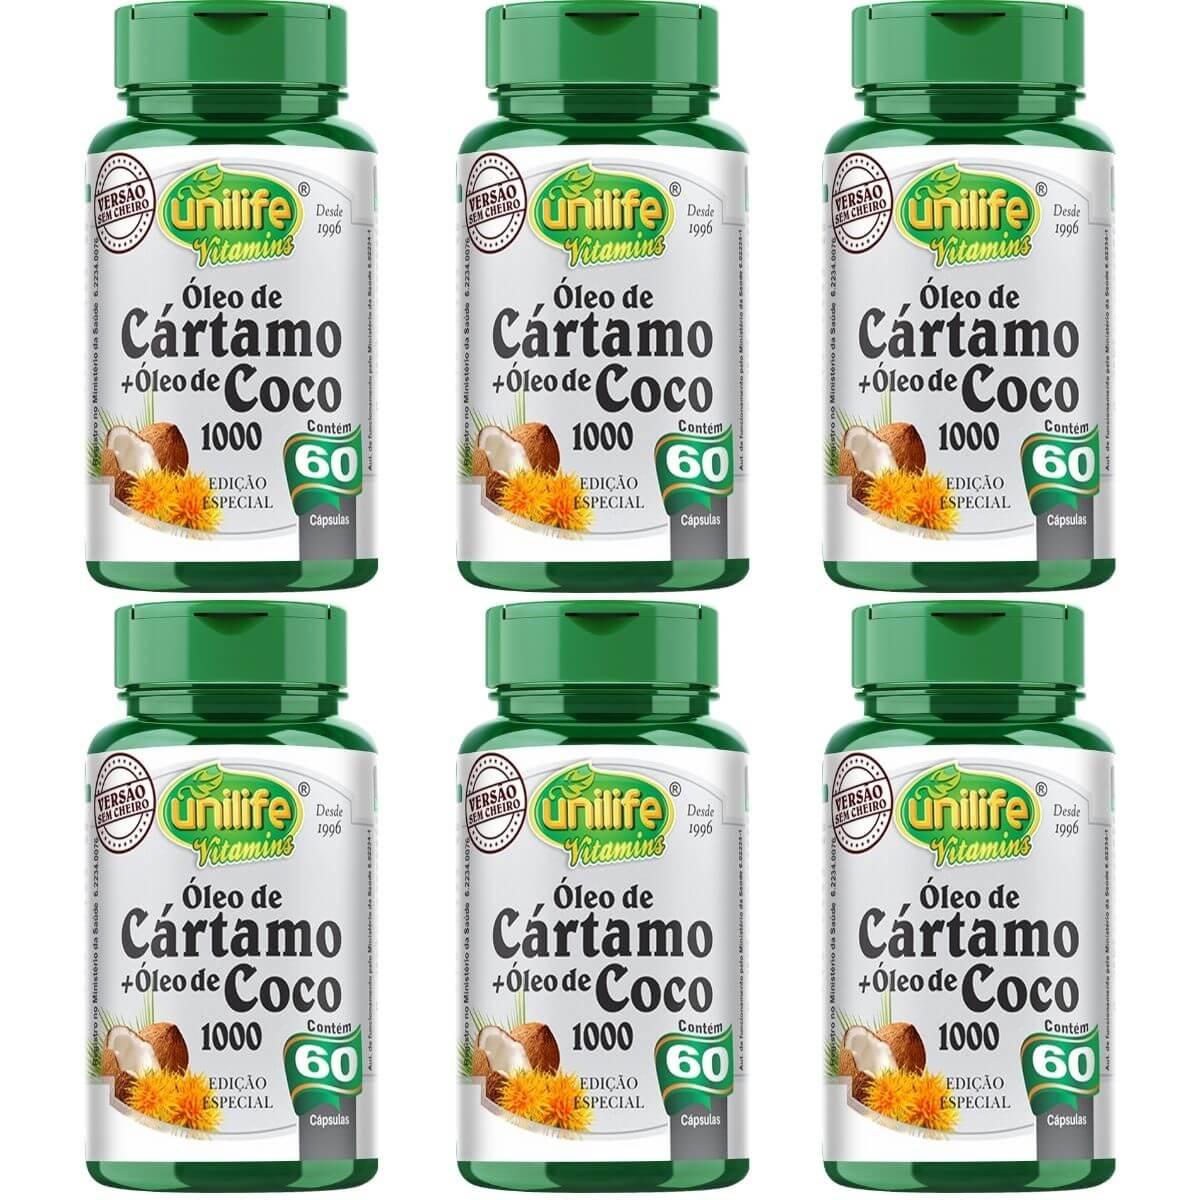 Kit 6 Óleo De Cártamo + Óleo De Coco Edição Especial 1200mg 60 Capsulas  - Unilife